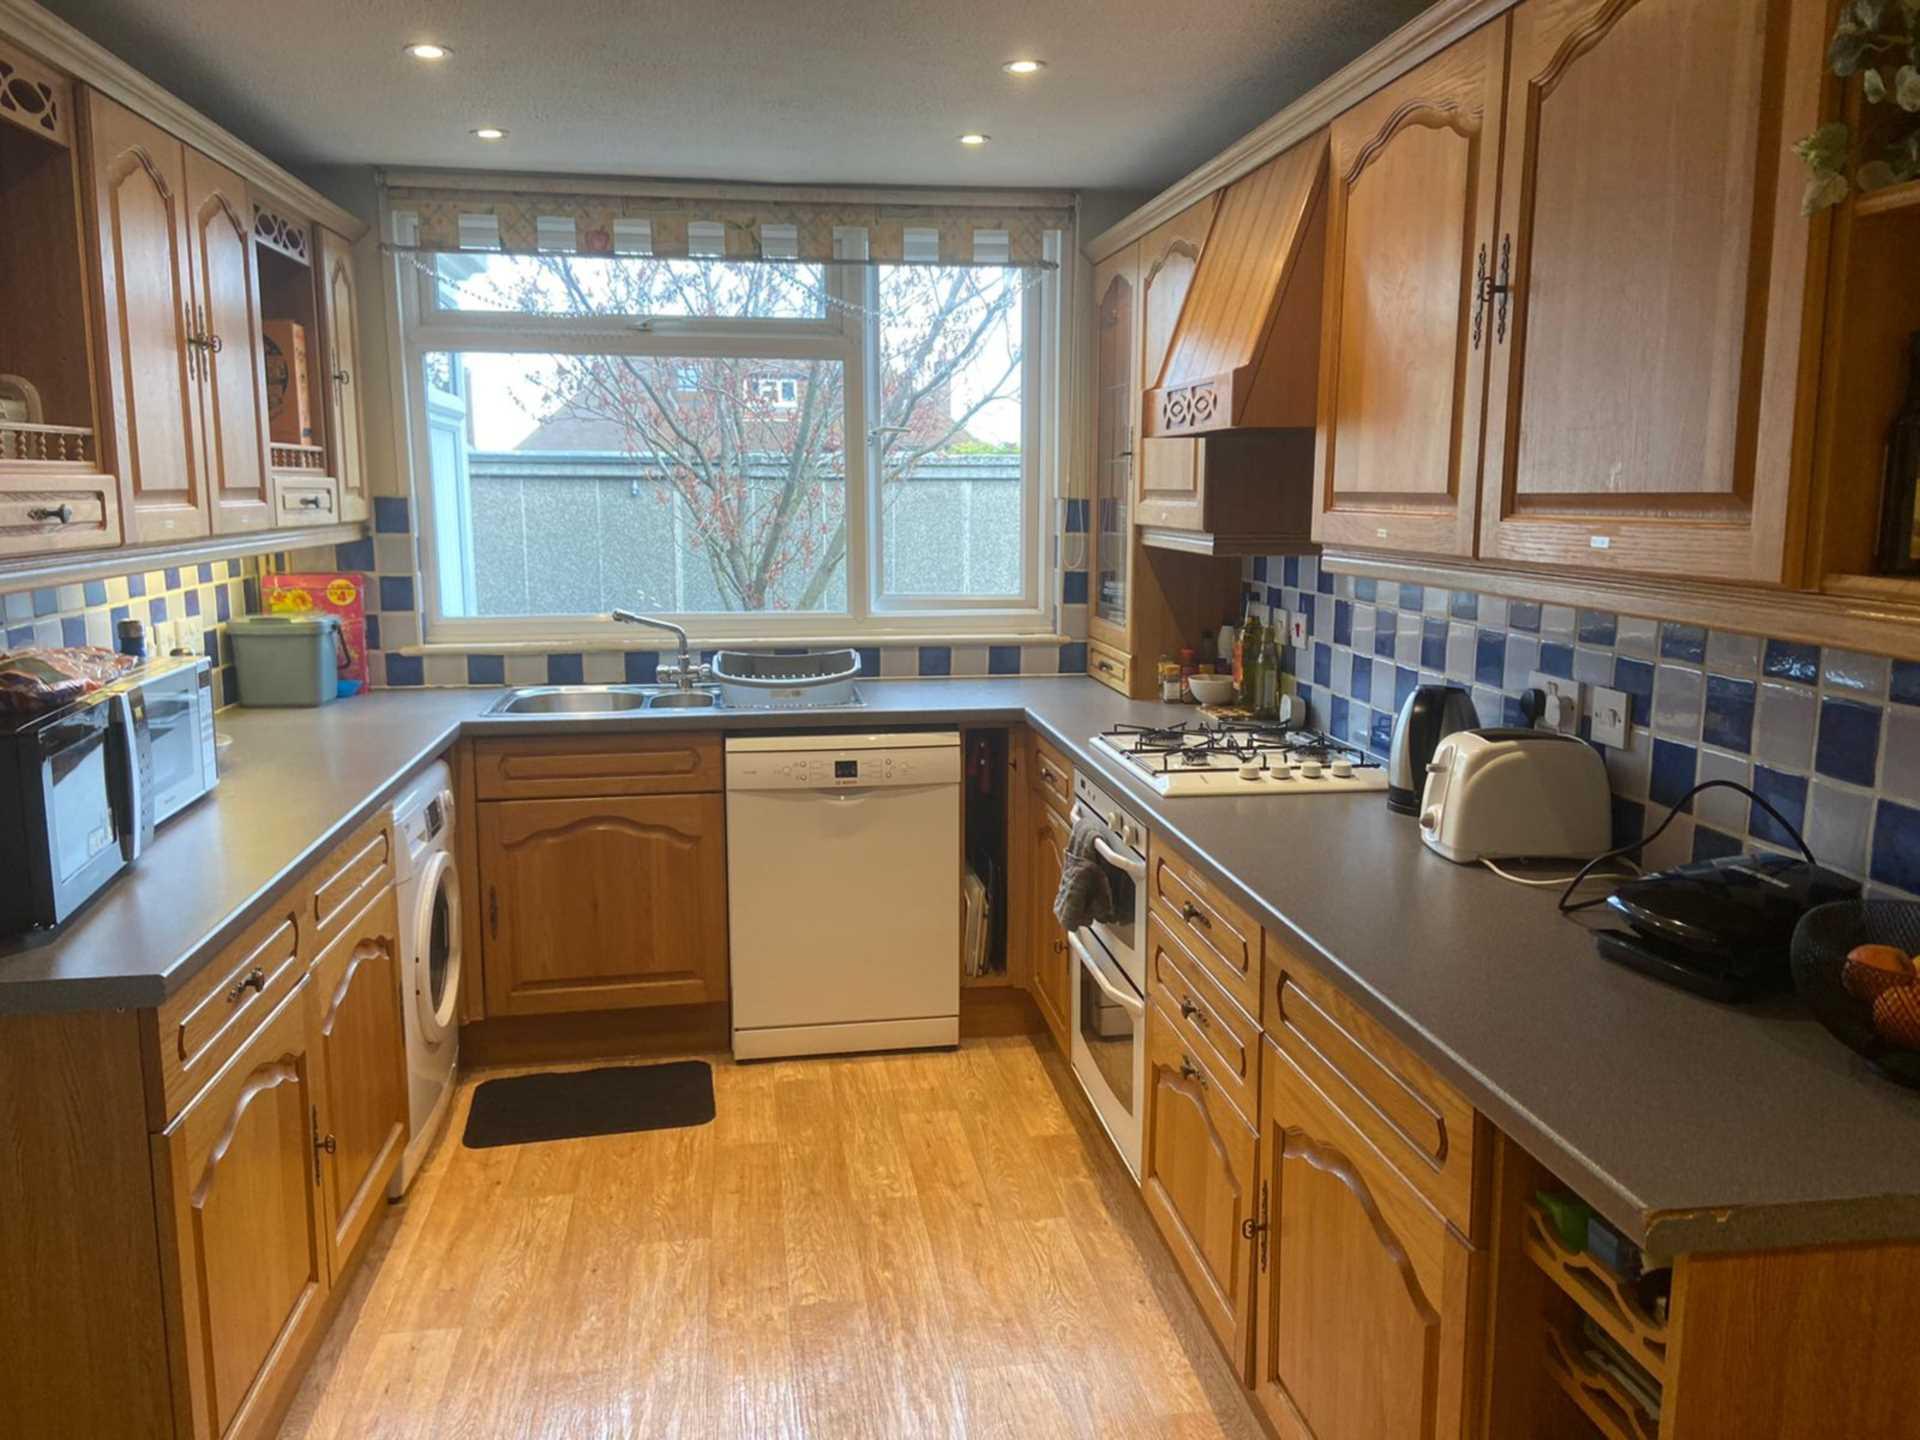 Room 4, 1 Windsor Close, Onslow Village, Guildford, GU2 7QU, Image 8